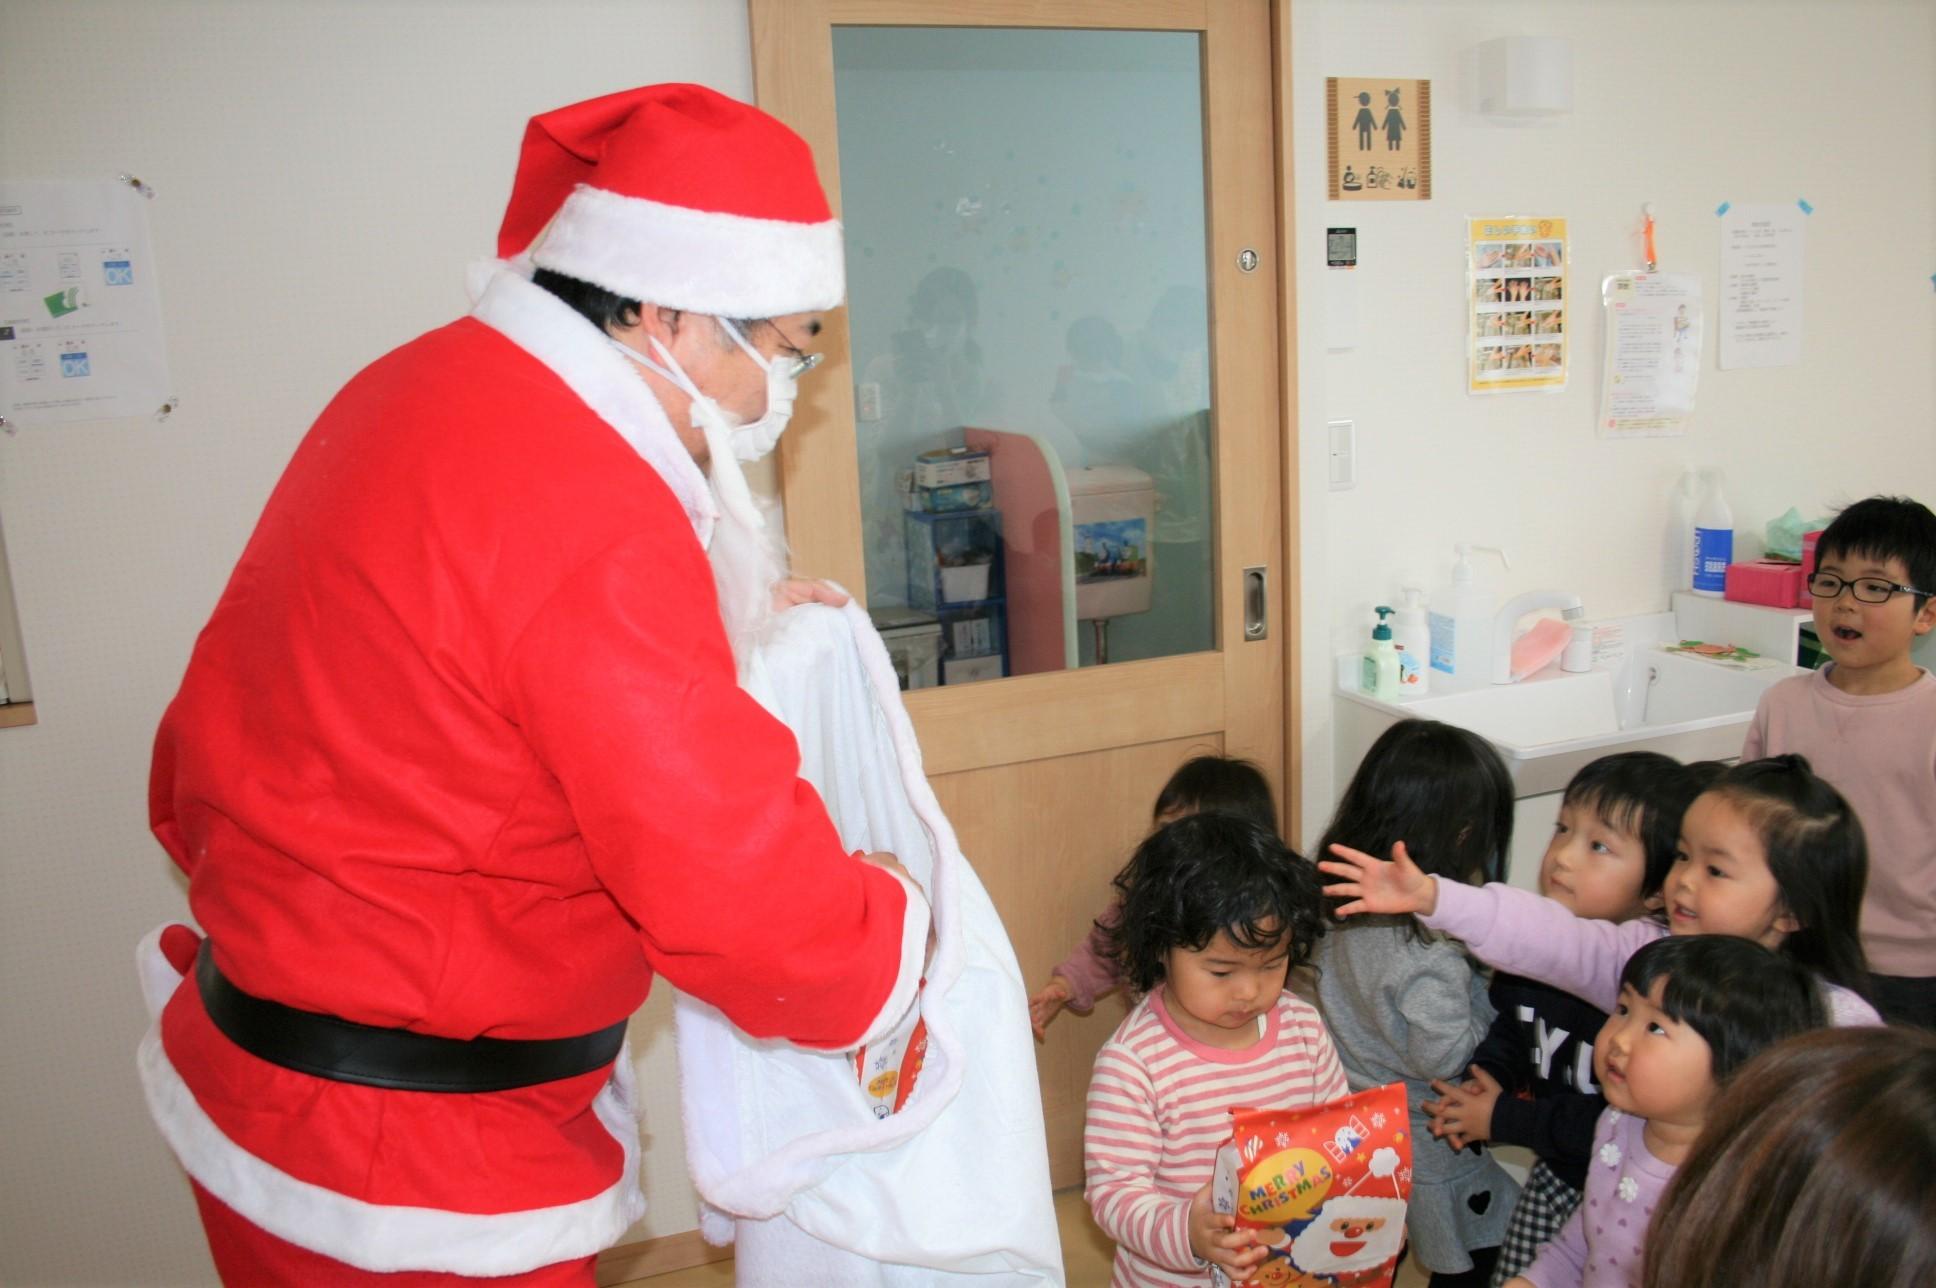 よこて卸町園『クリスマス会』を開催しました。 _f0141477_09463161.jpg